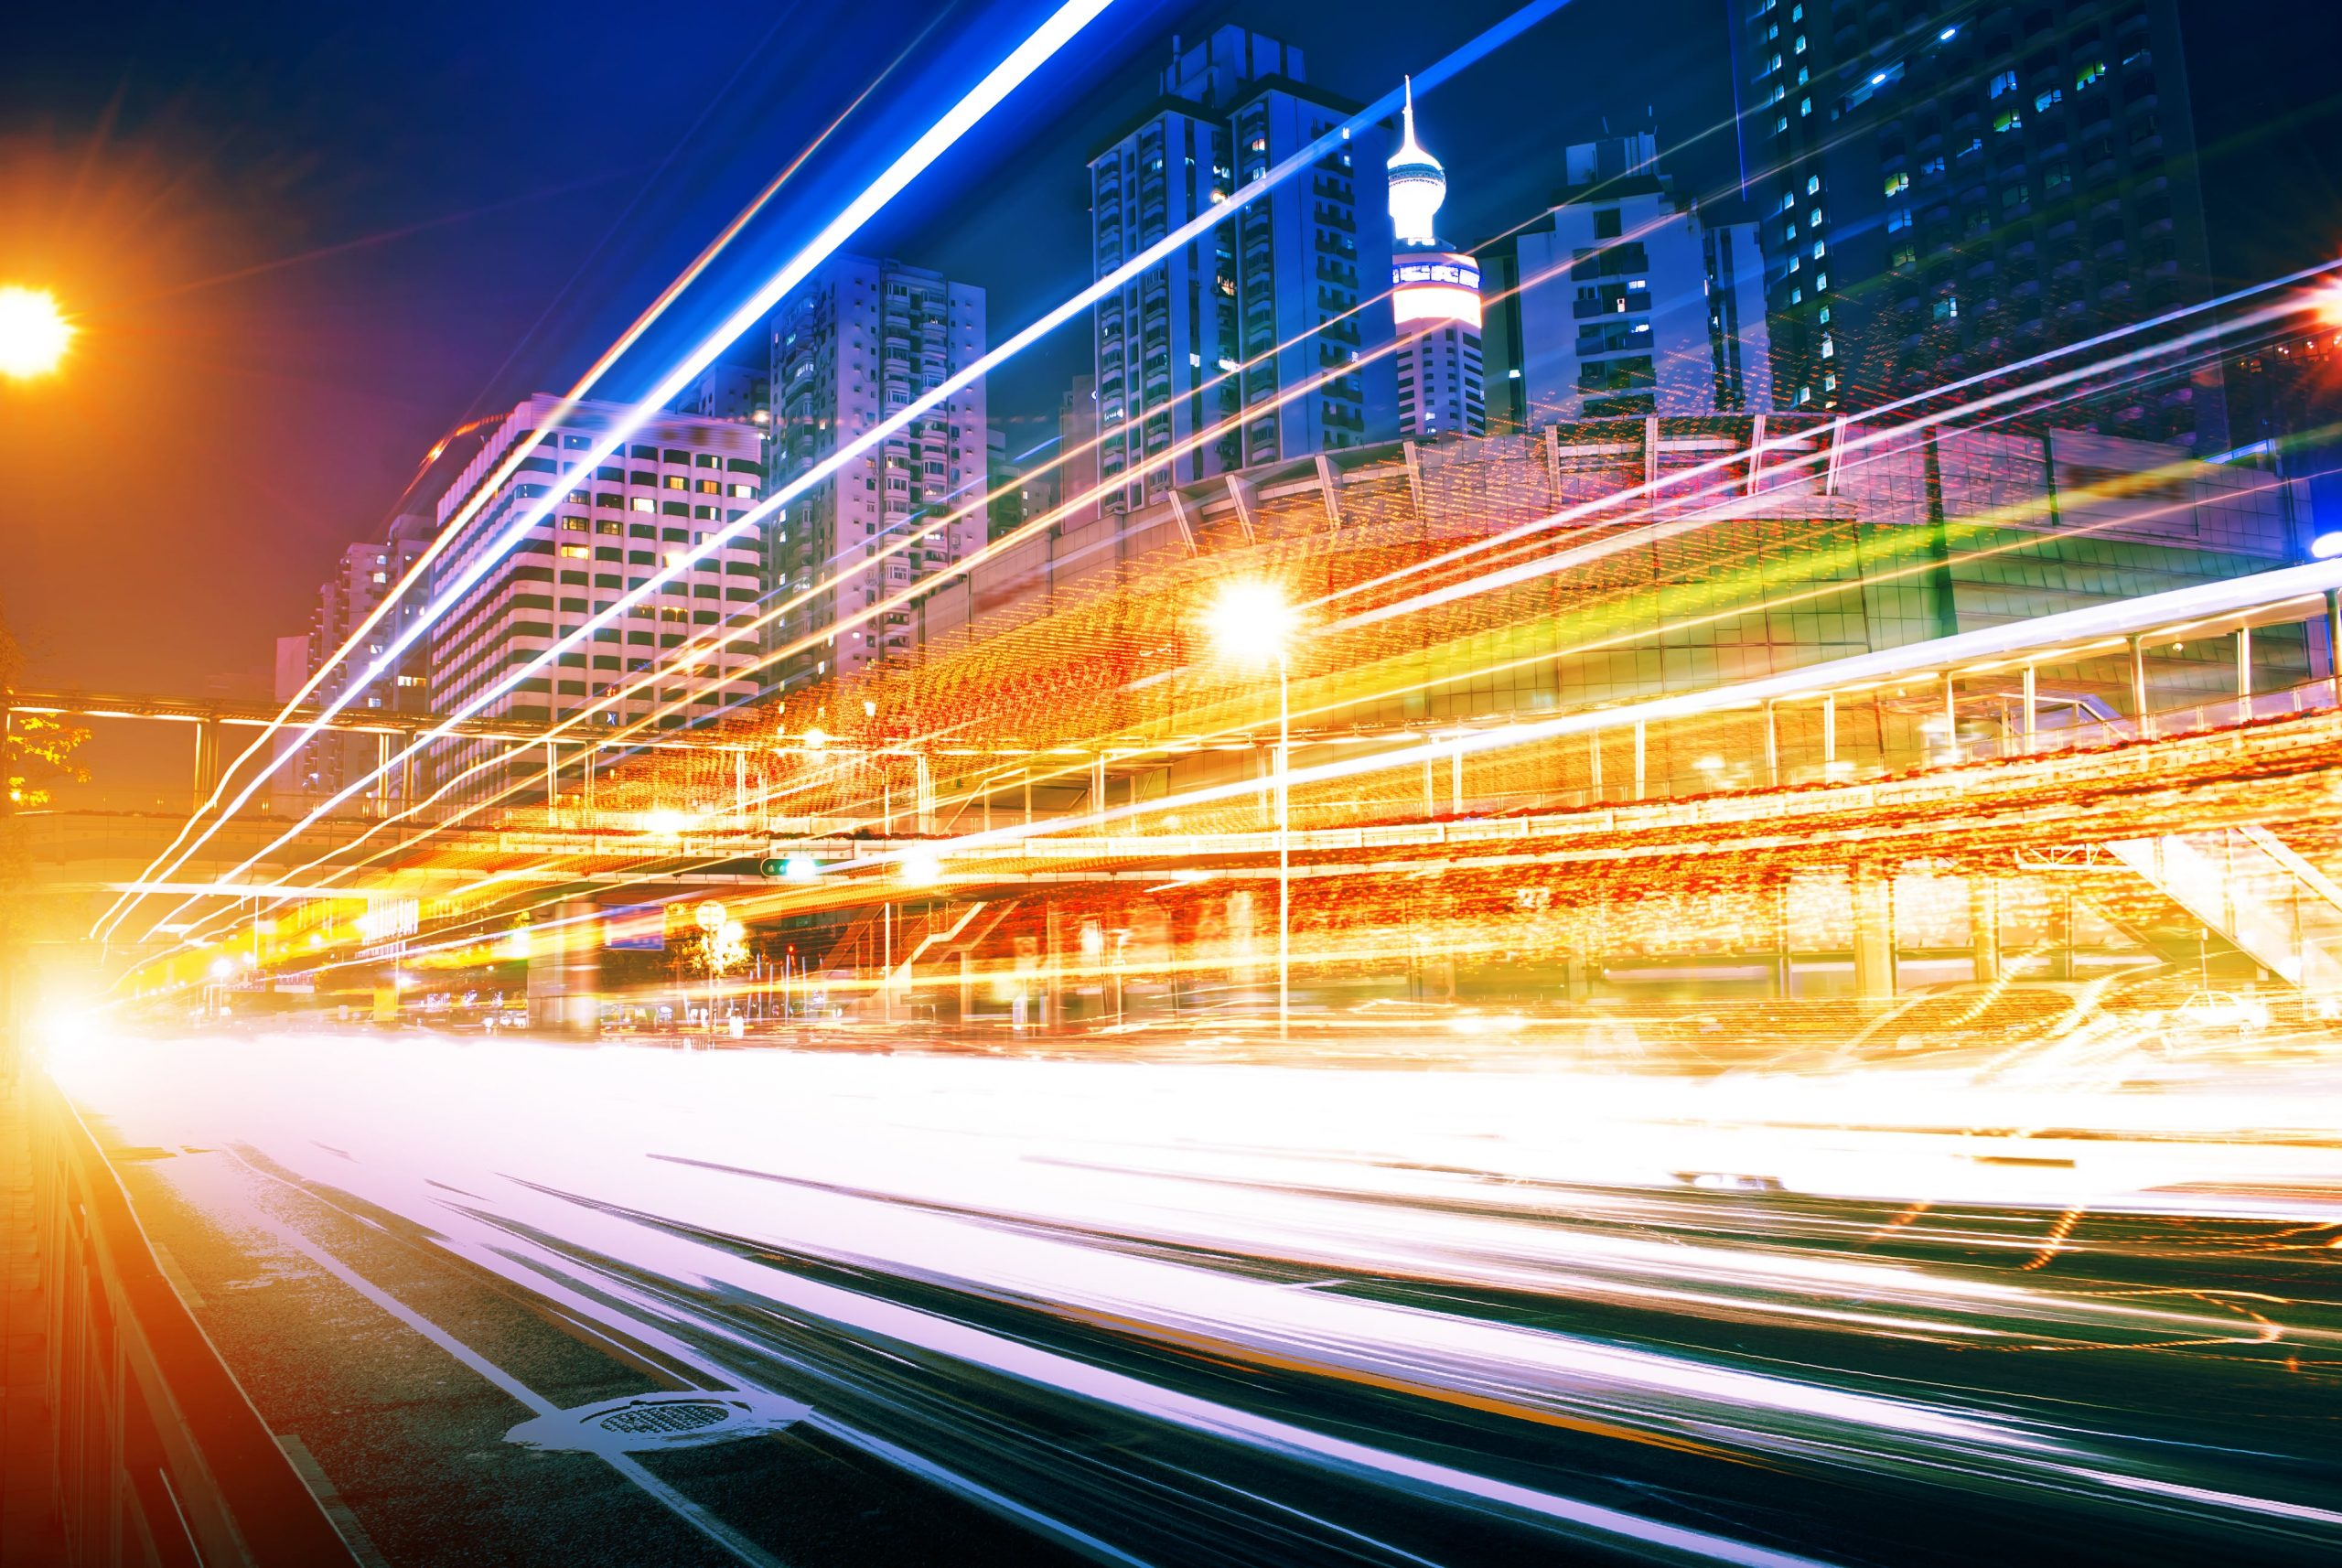 brand_minds_2019_smart_cities-min